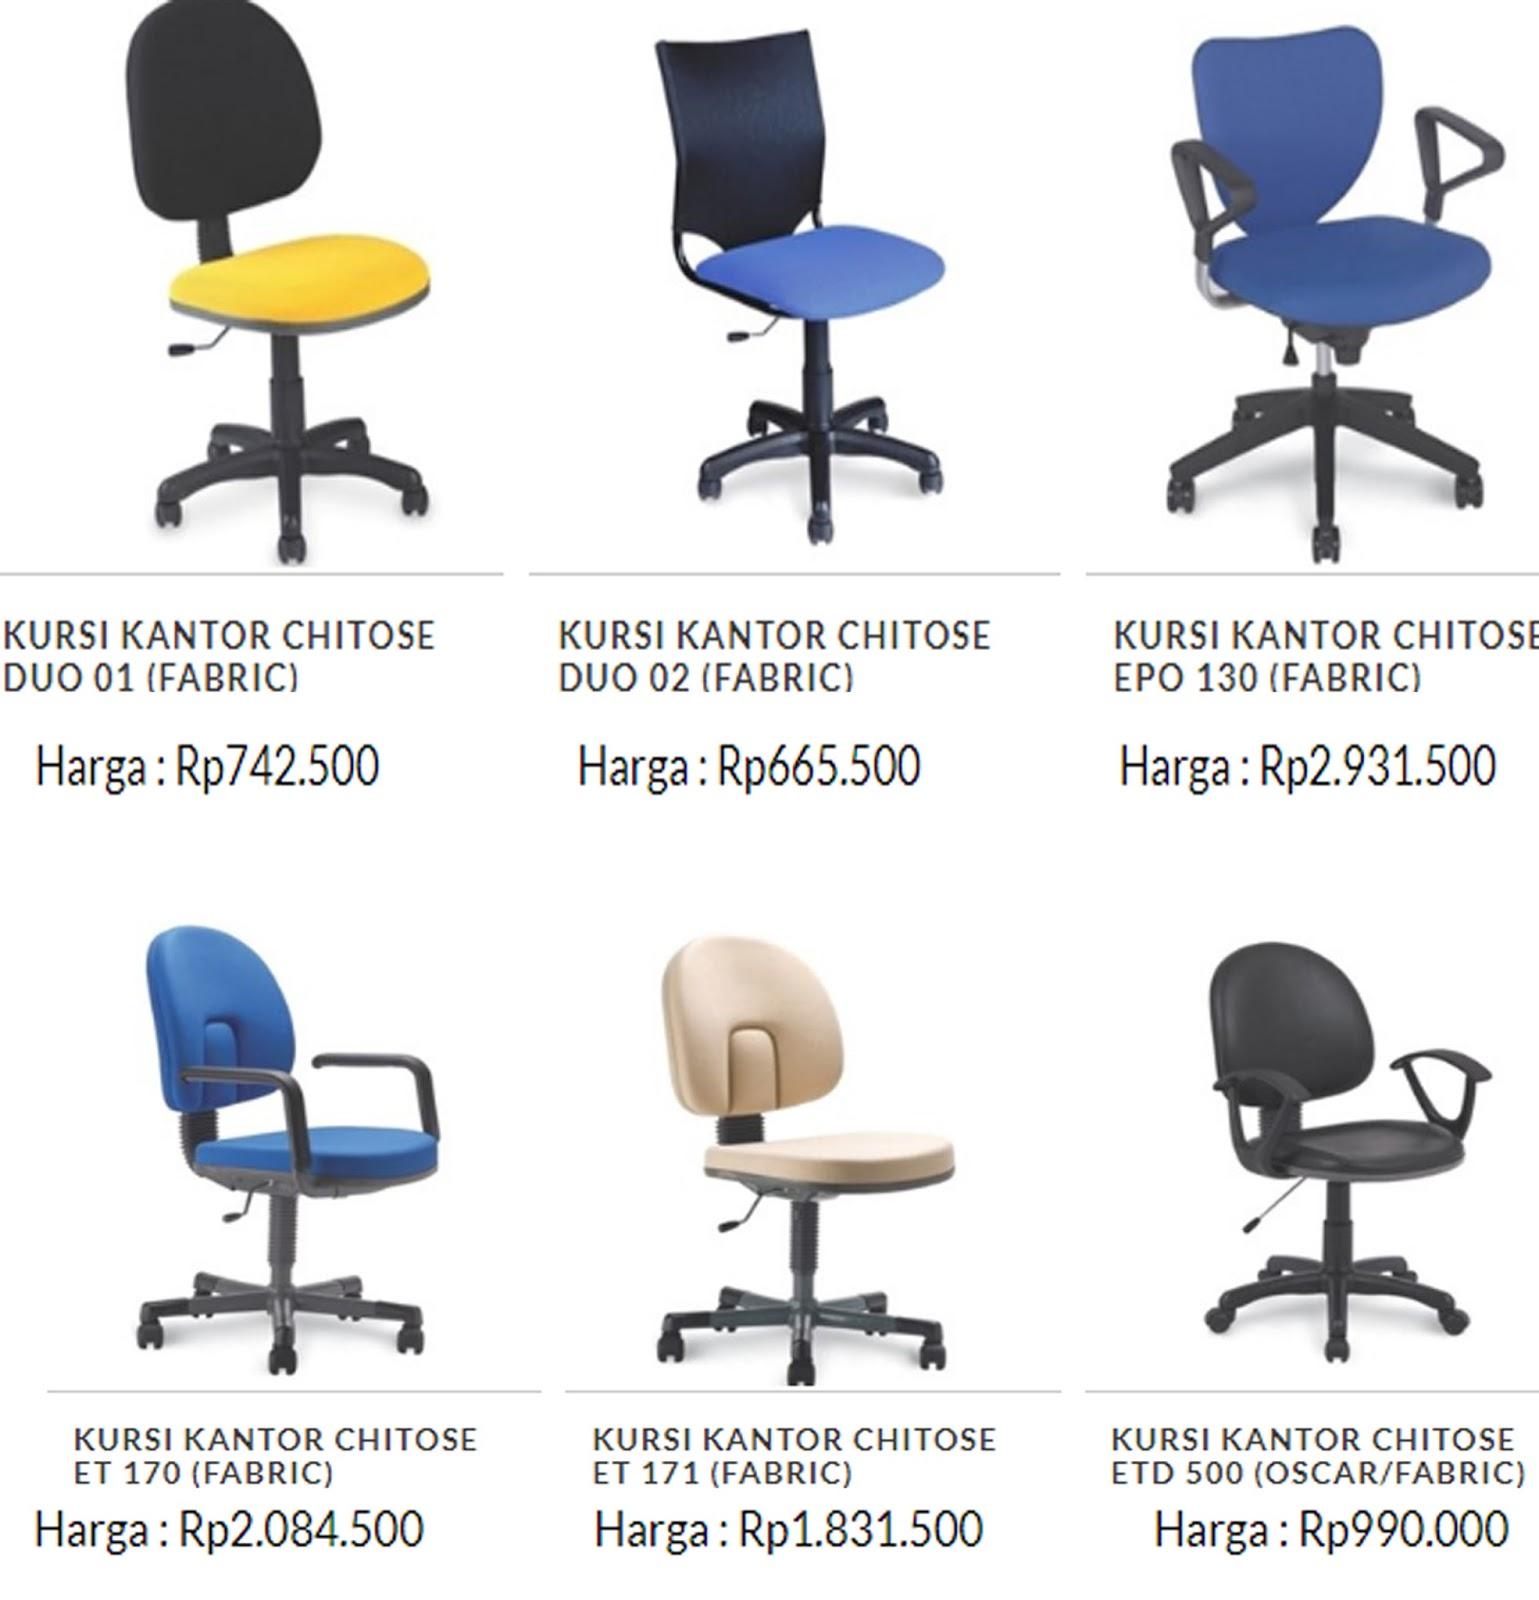 6200 Koleksi Kursi Kantor Merk Chitose HD